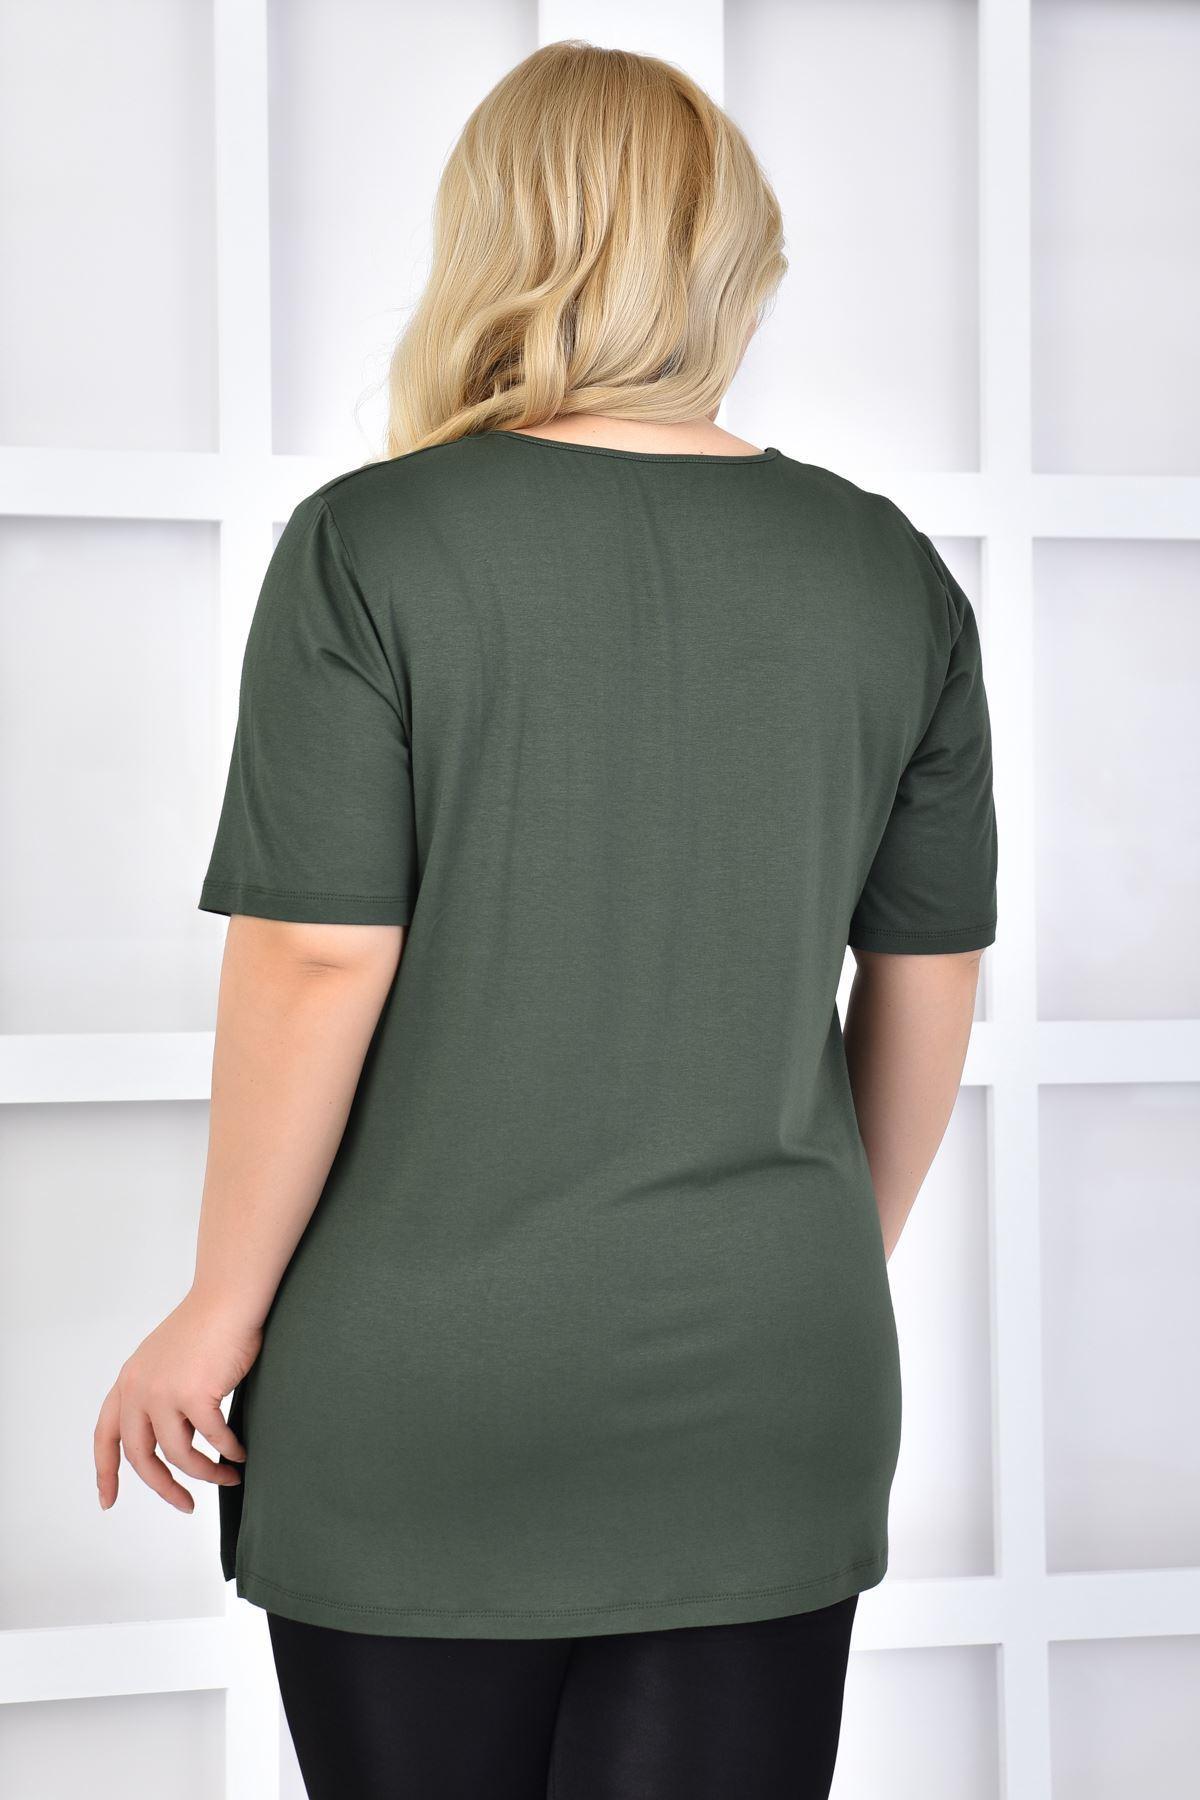 Fupe Büyük Beden Tshirt V Yaka Haki Kadın Düz Desen